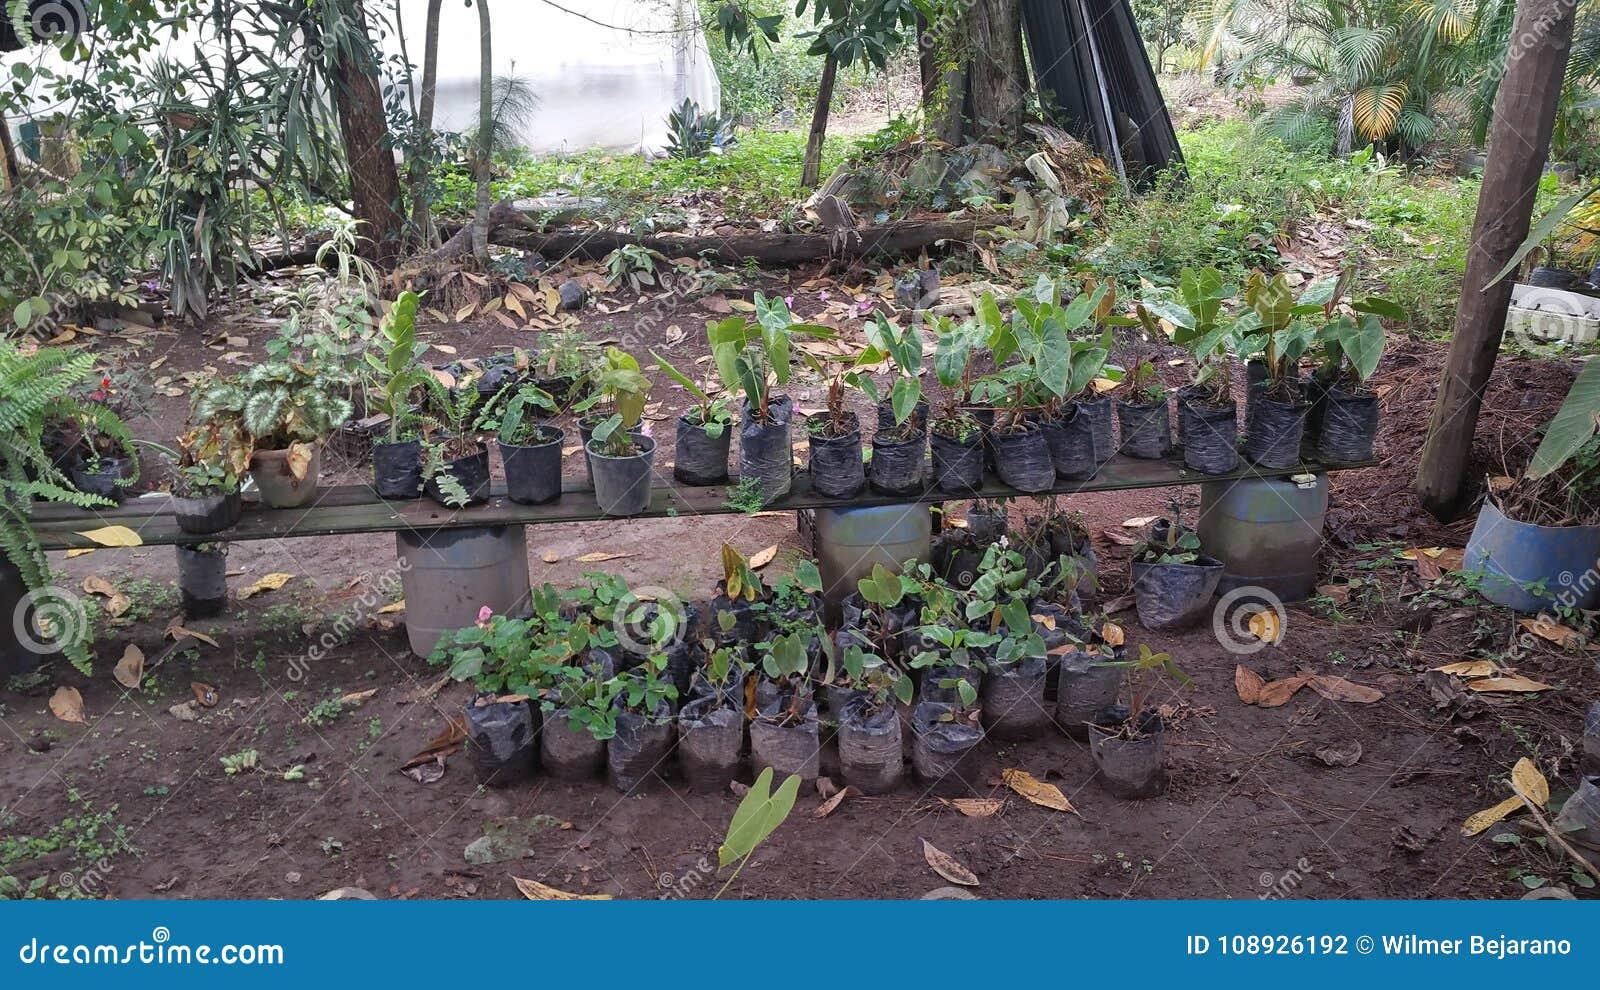 Nursery that lives - Siguatepeque Honduras